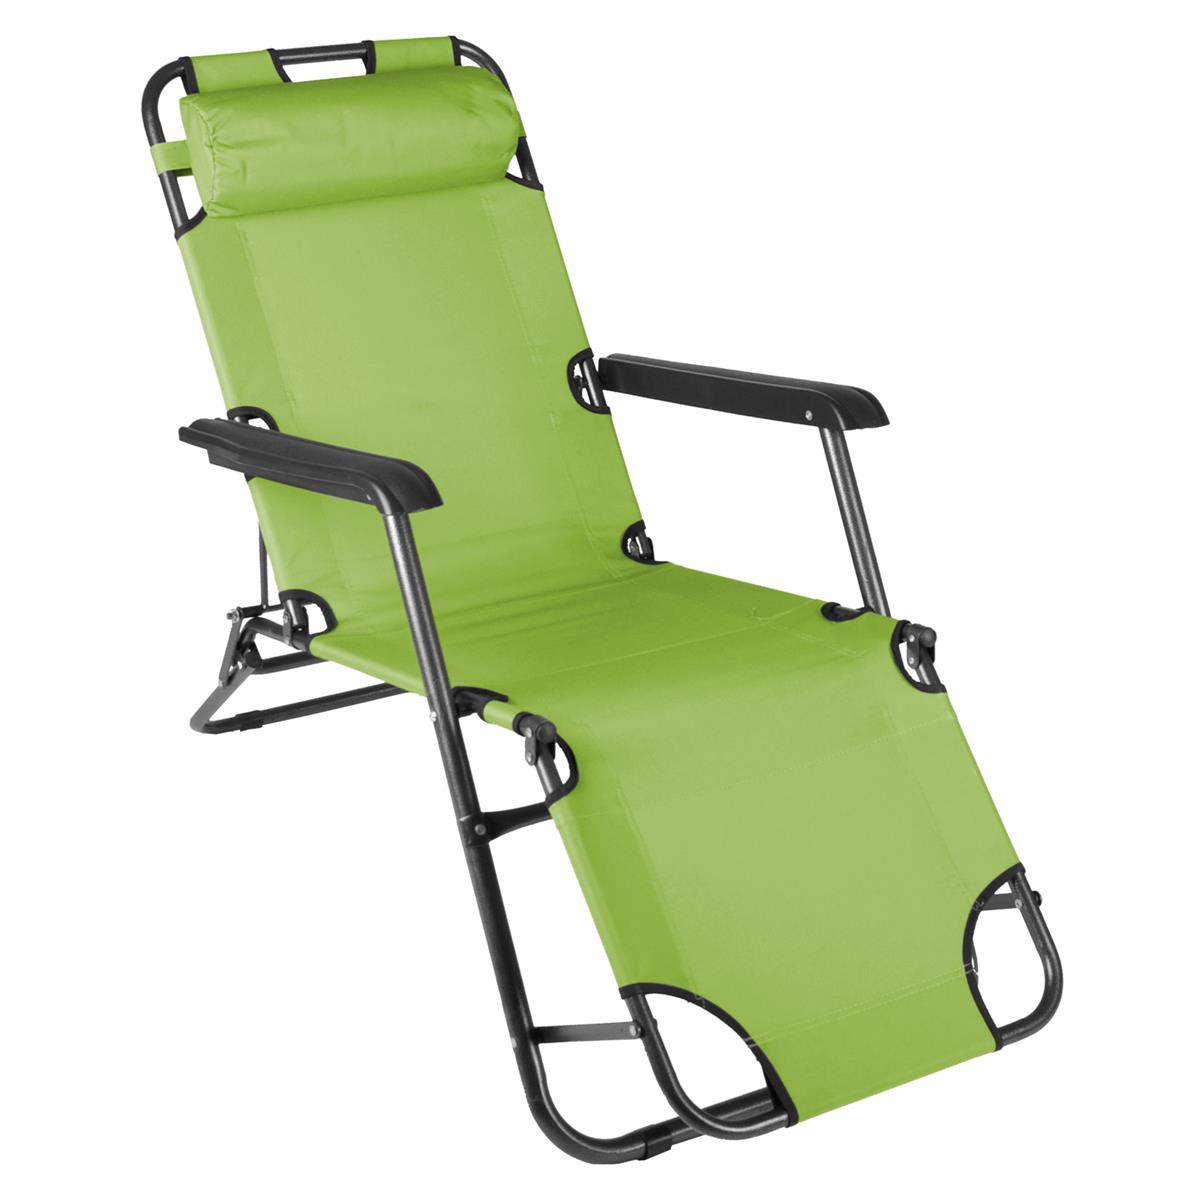 klappbare Sonnenliege Relaxliege Liegestuhl hellgrün Klappliege Stahl